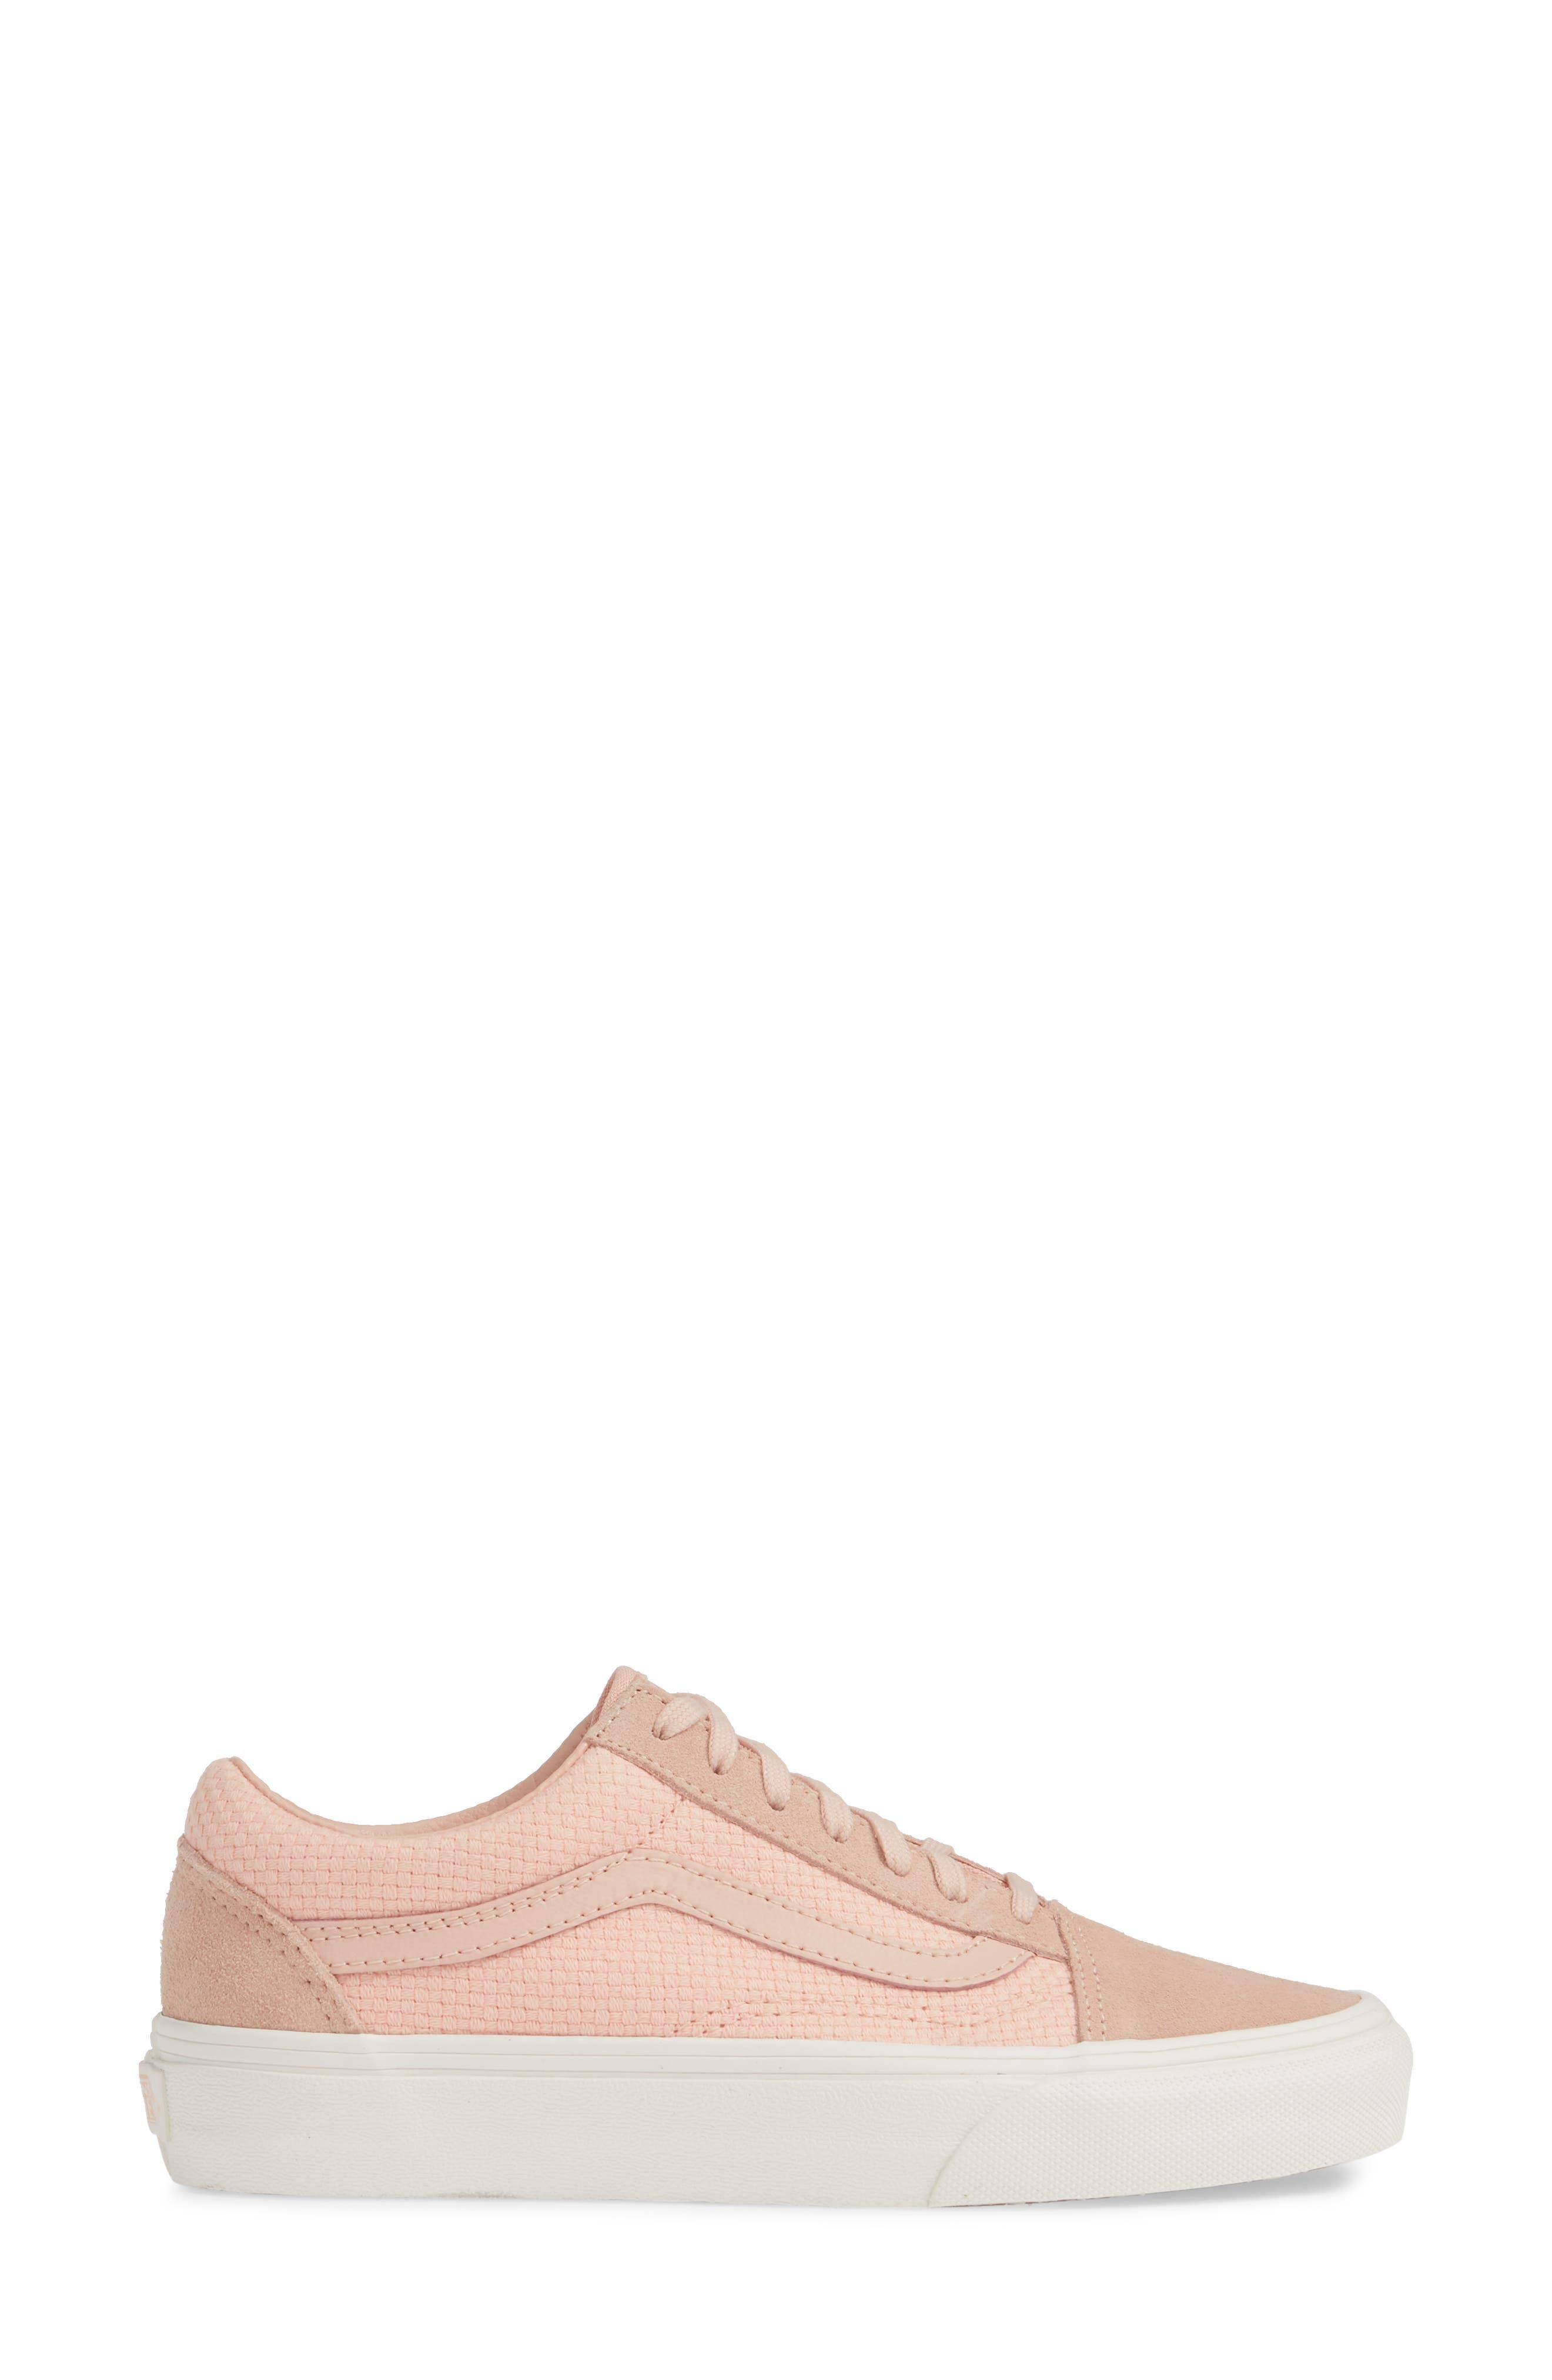 VANS,                             Old Skool Woven Check Sneaker,                             Alternate thumbnail 3, color,                             SPANISH VILLA/ SNOW WHITE